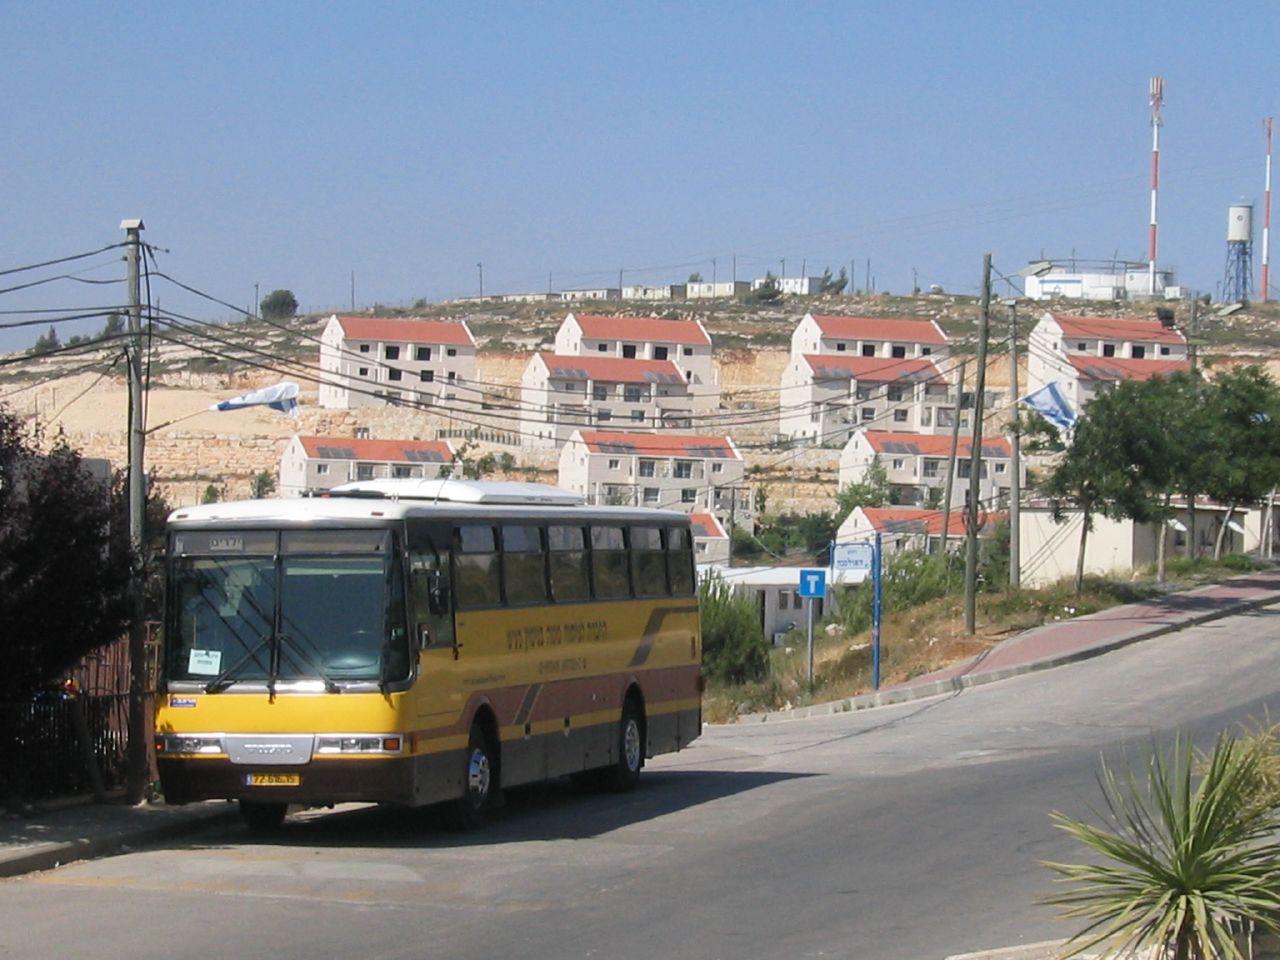 Beit El